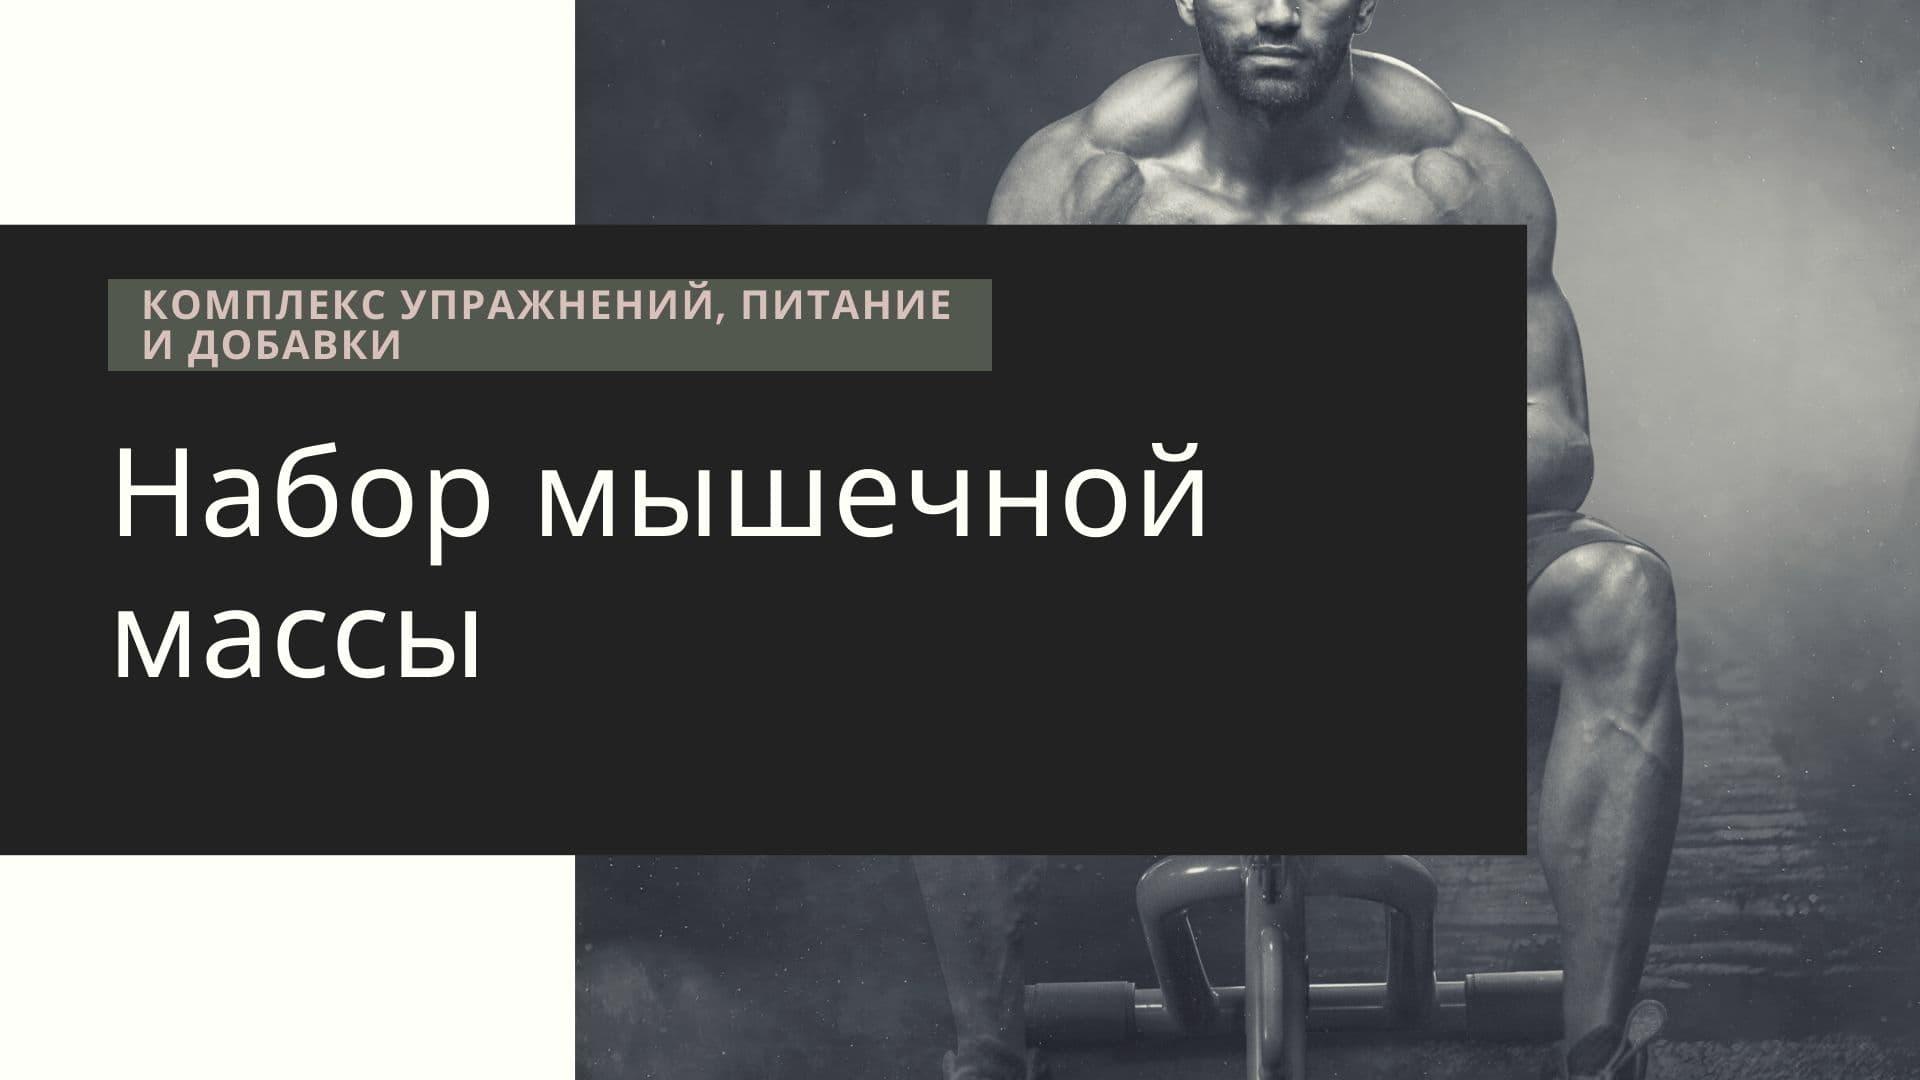 Набор мышечной массы с помощью тренировок